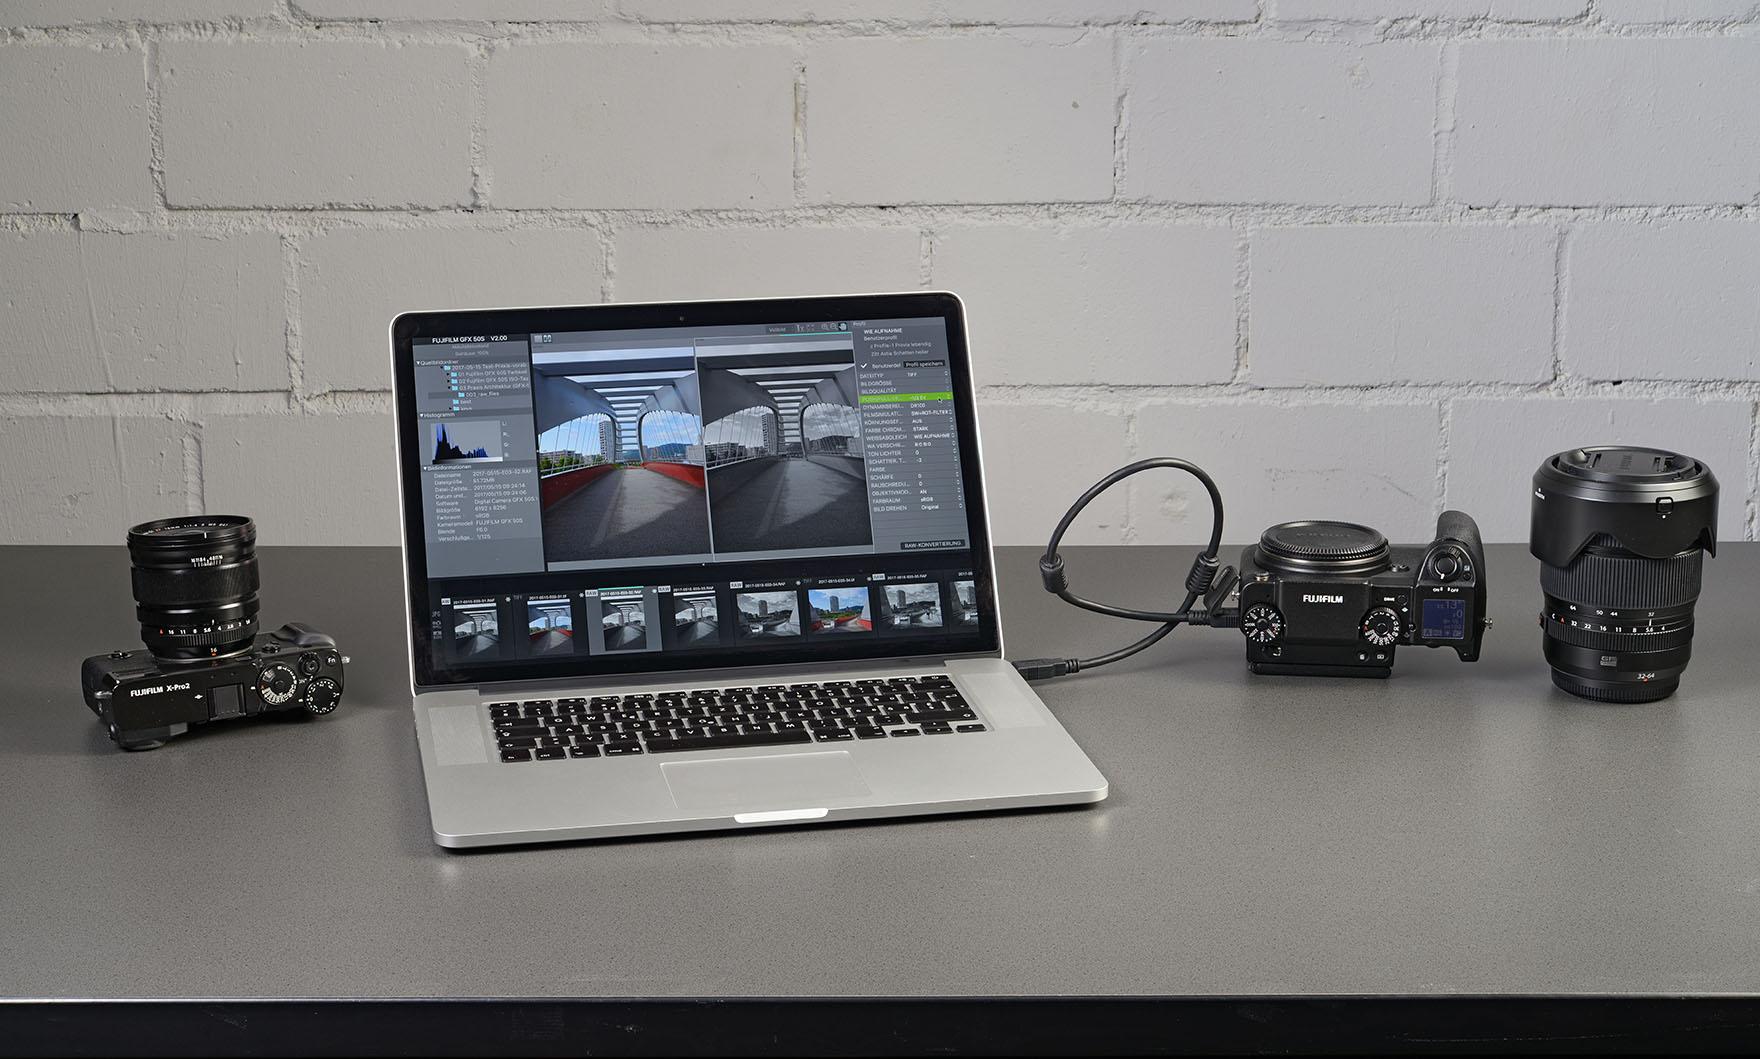 Notebook mit angezeigter Fujifilm X Raw Studio Software und flankierten Kameras Fujifilm